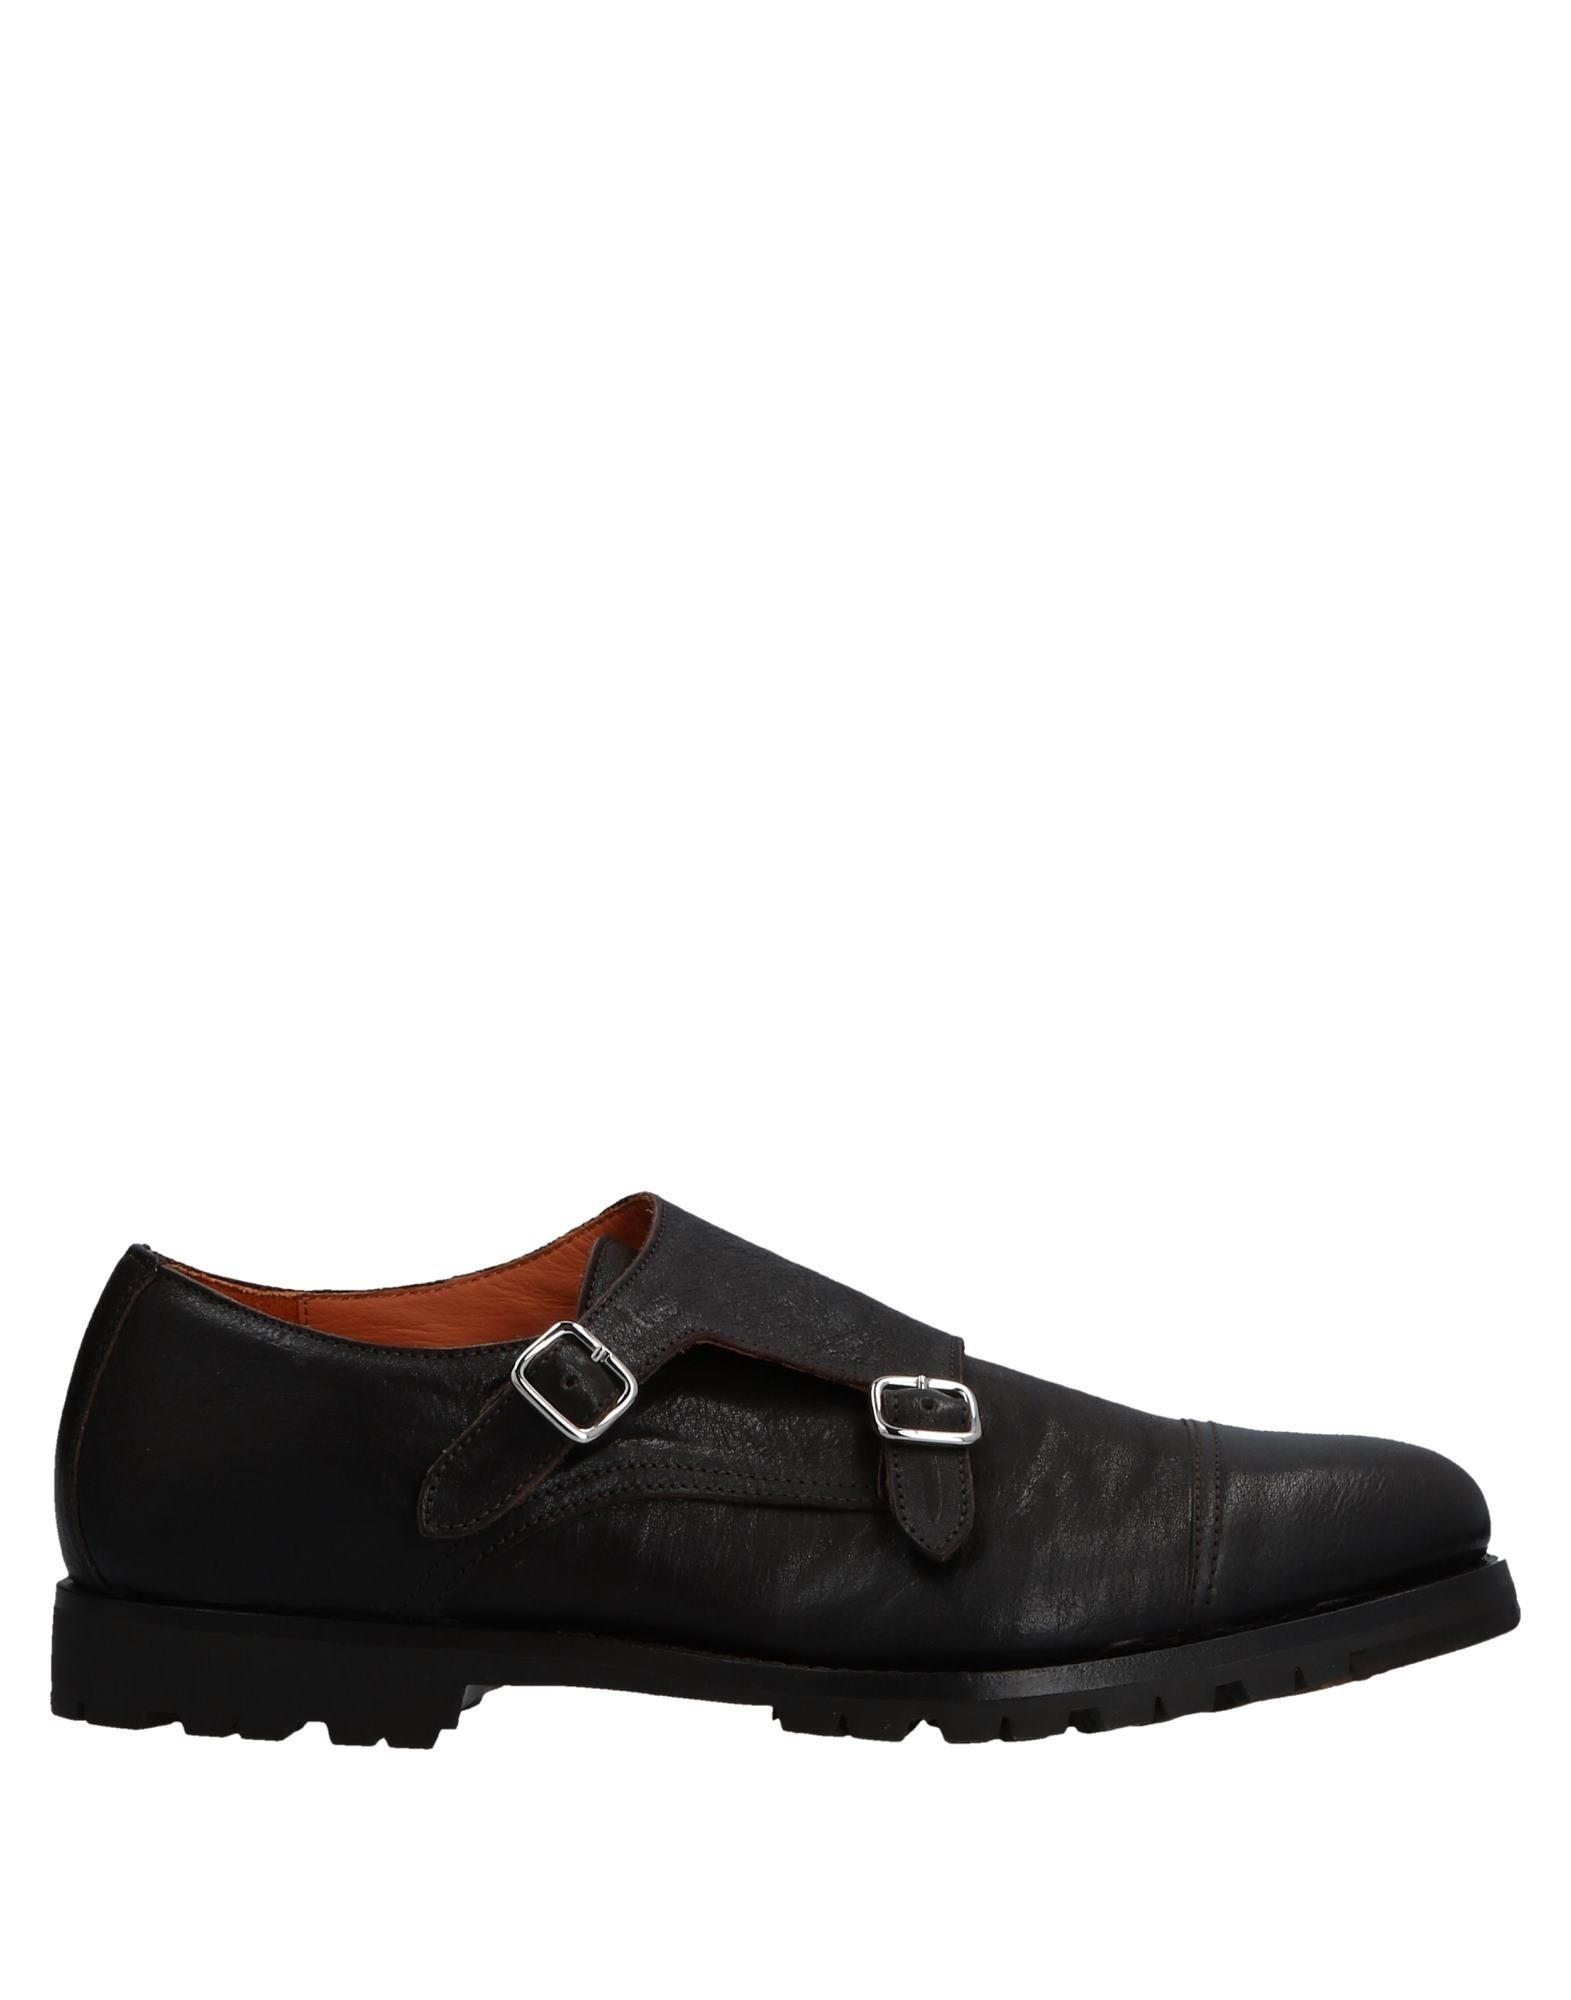 Andrea Ventura Firenze Loafers - Men Andrea Ventura Firenze Loafers - online on  Canada - Loafers 11531440LS 68fb9f